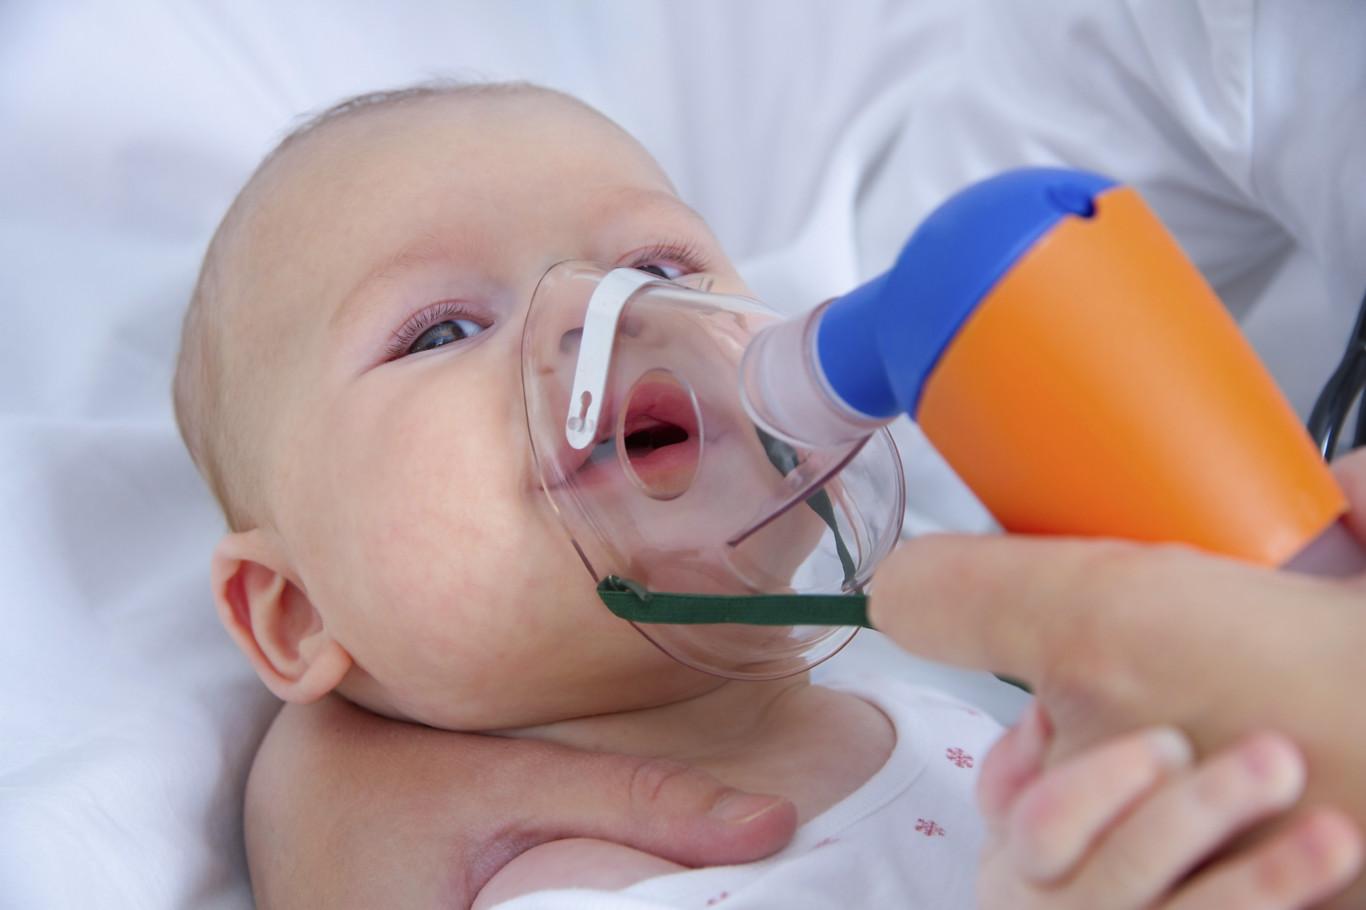 Signos de alarma del recién nacido